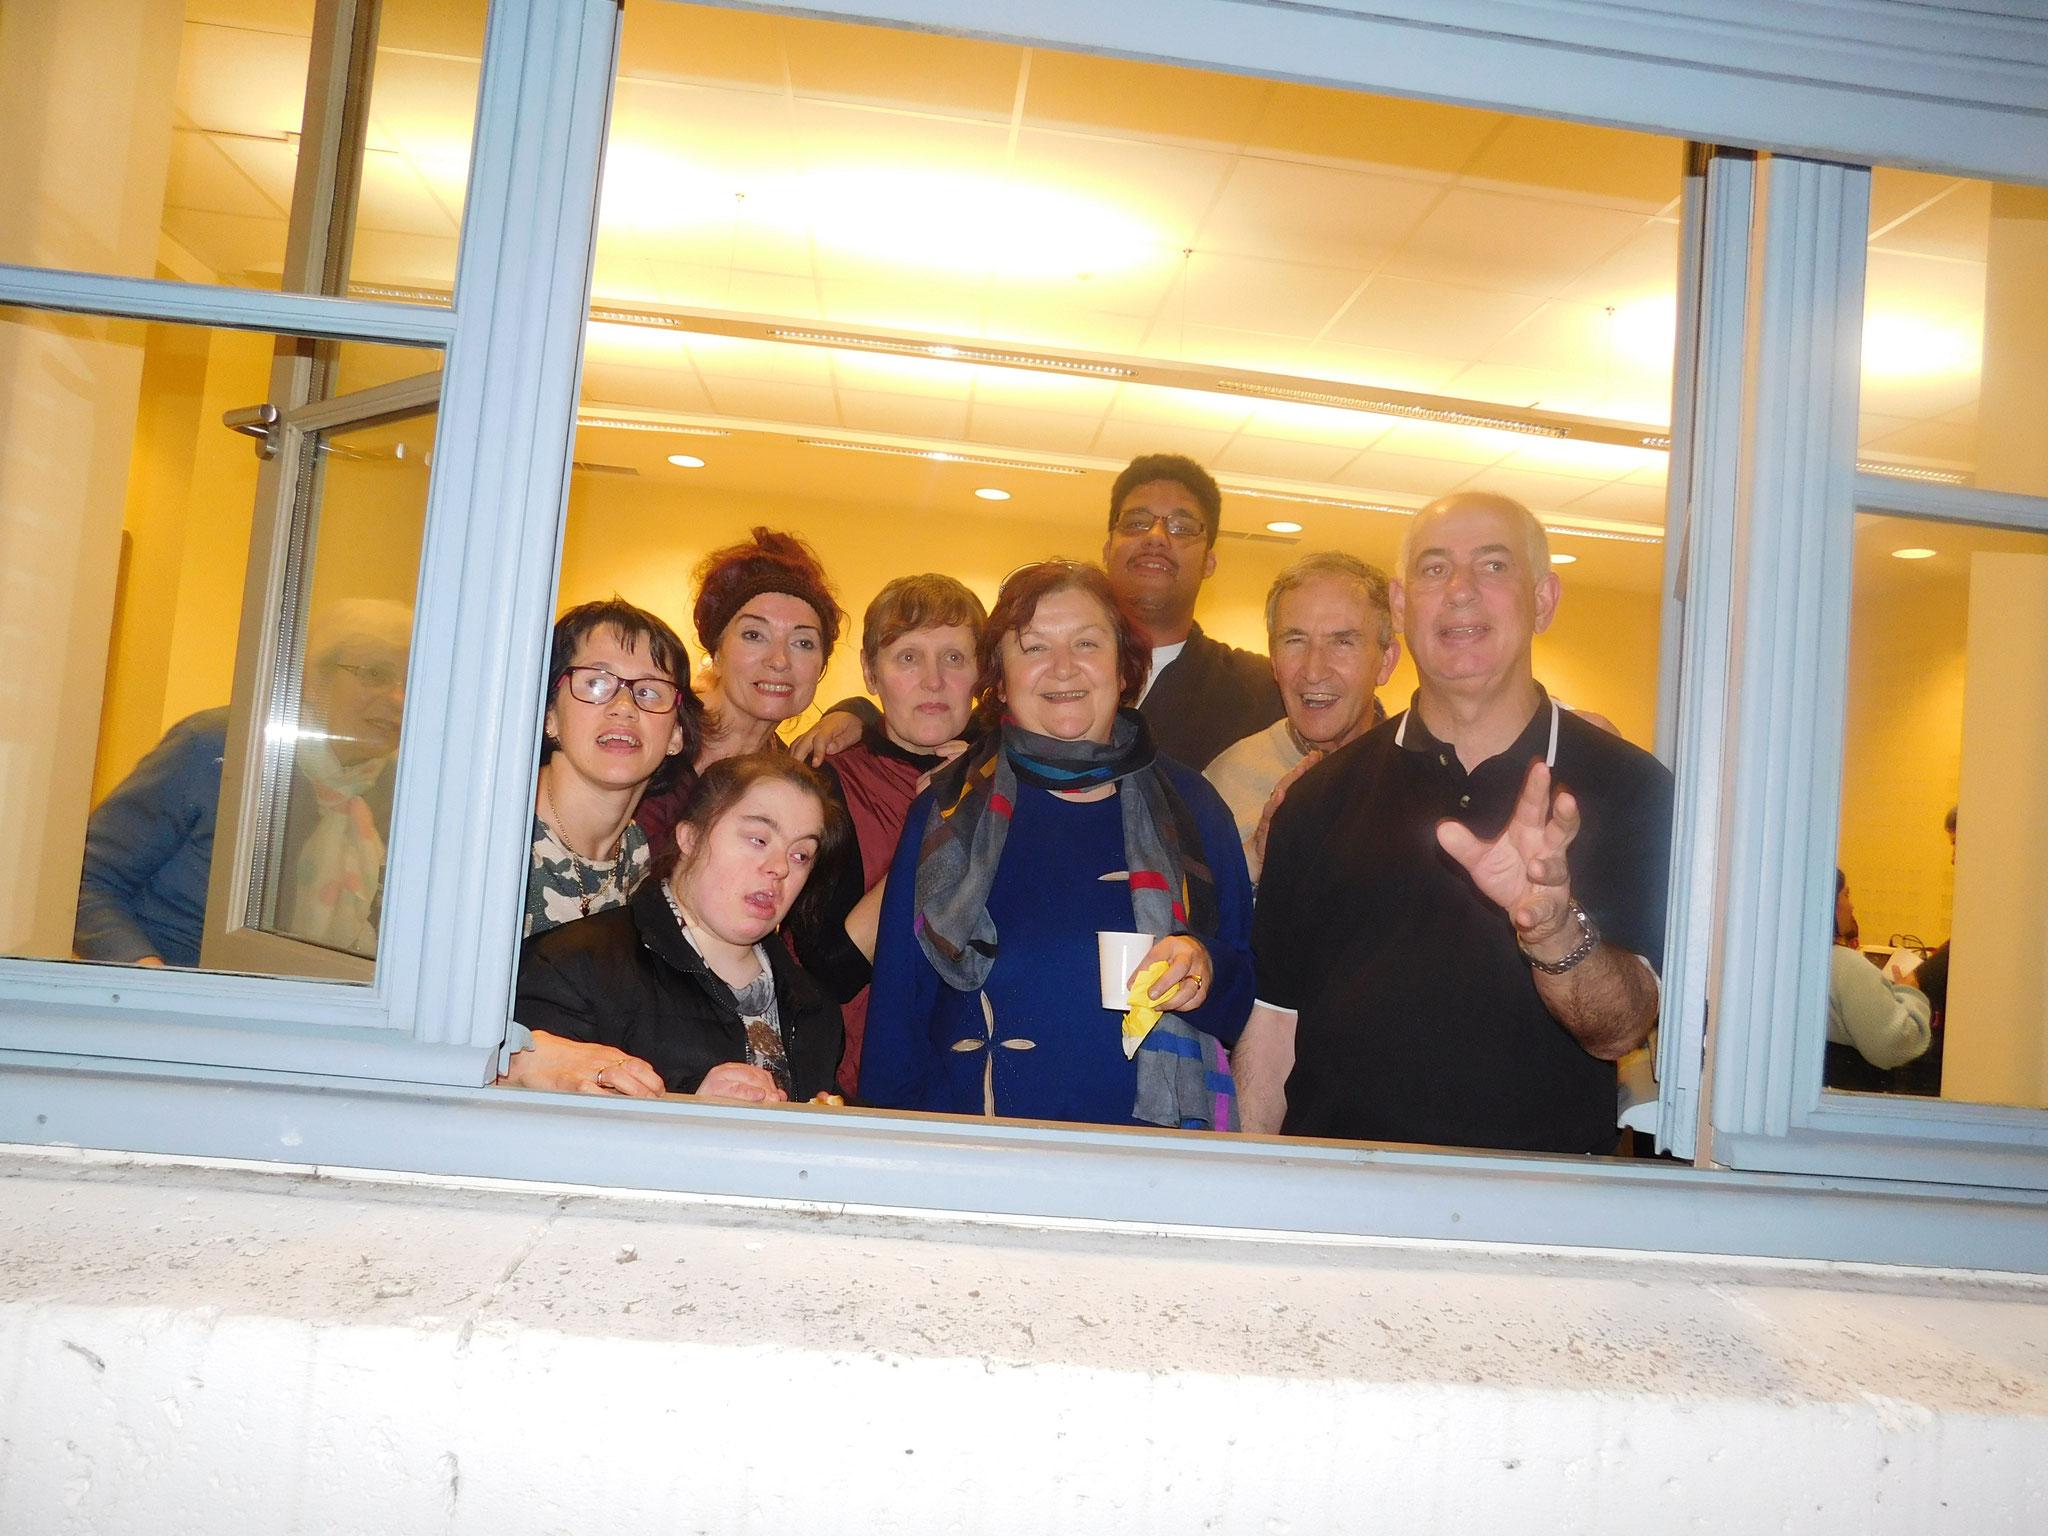 Anniv de Lili,Monique,André,Bérengère,Léa,Dominique,Jérémy et José fêtée le 17 Février 2017